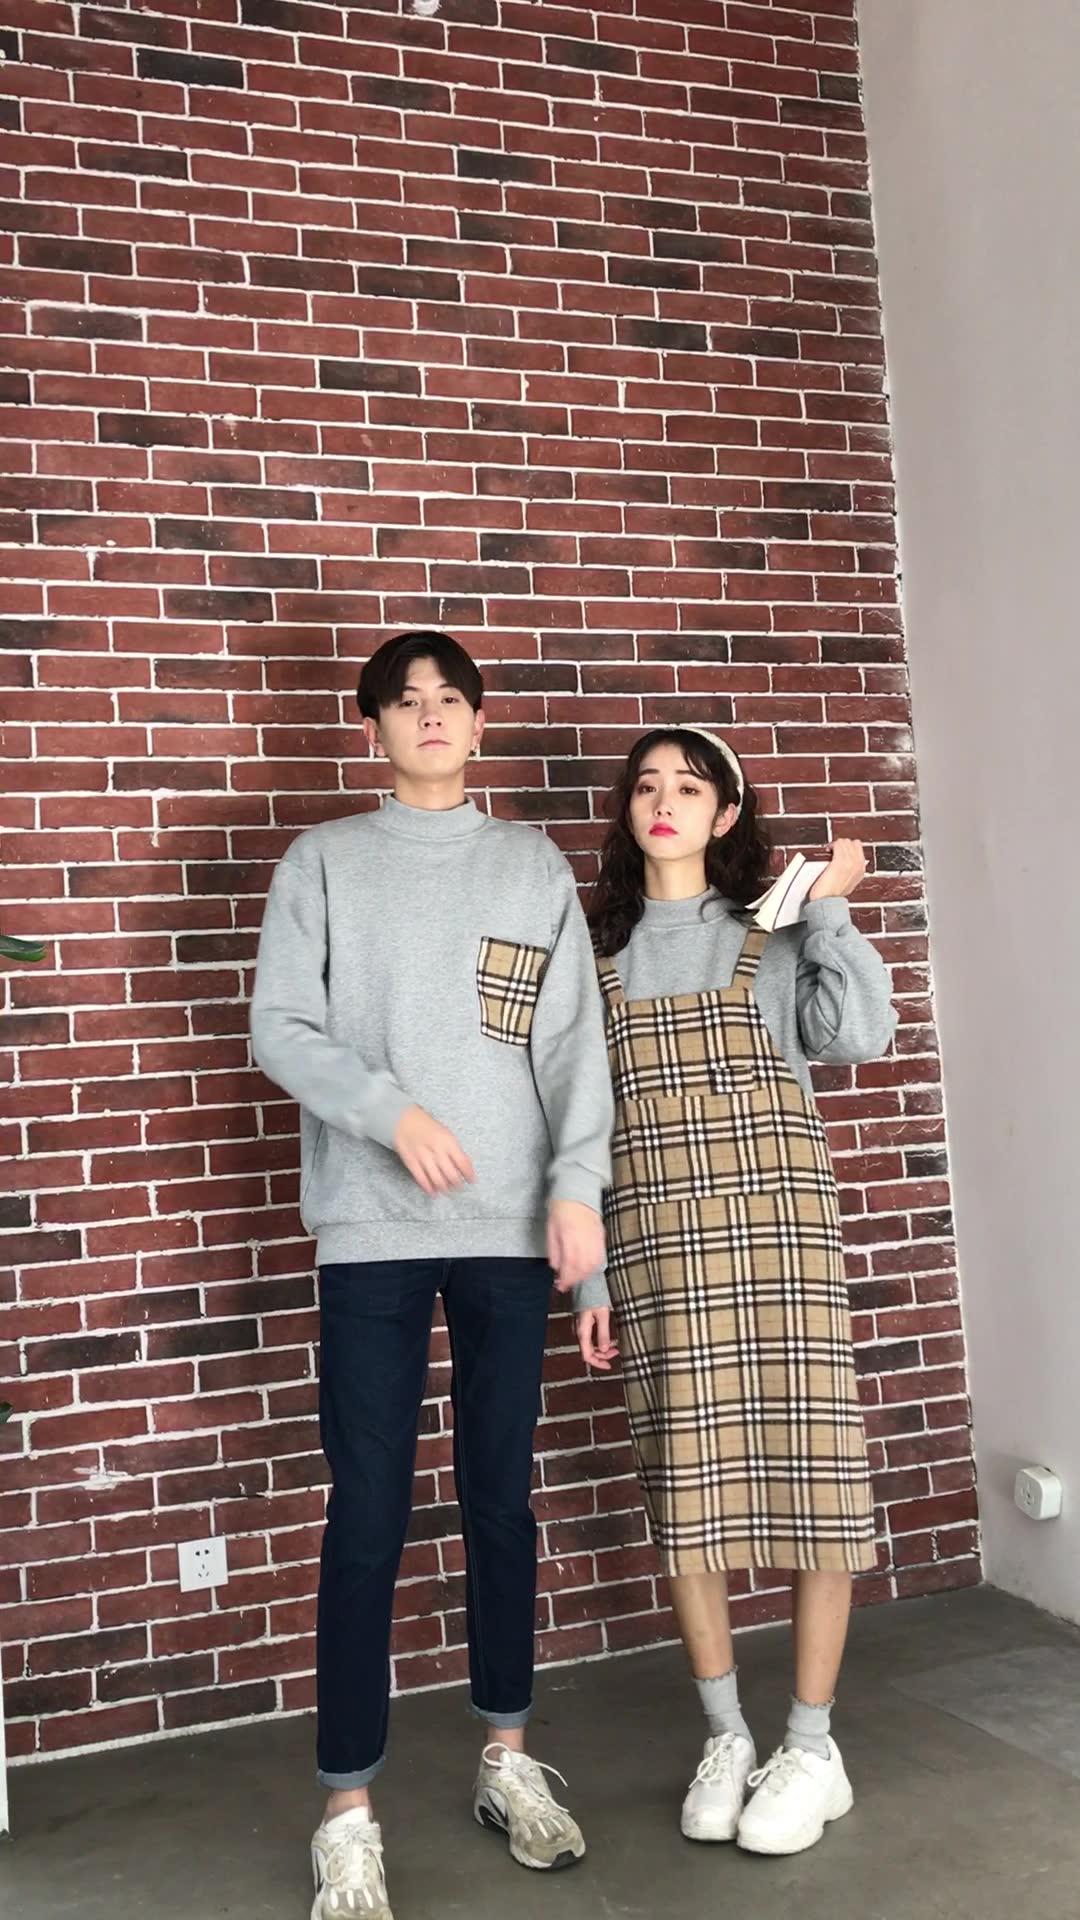 亚博娱乐平台入口情侣装冬季加绒班服韩版男卫衣格子女连衣裙子背带裙两件套装